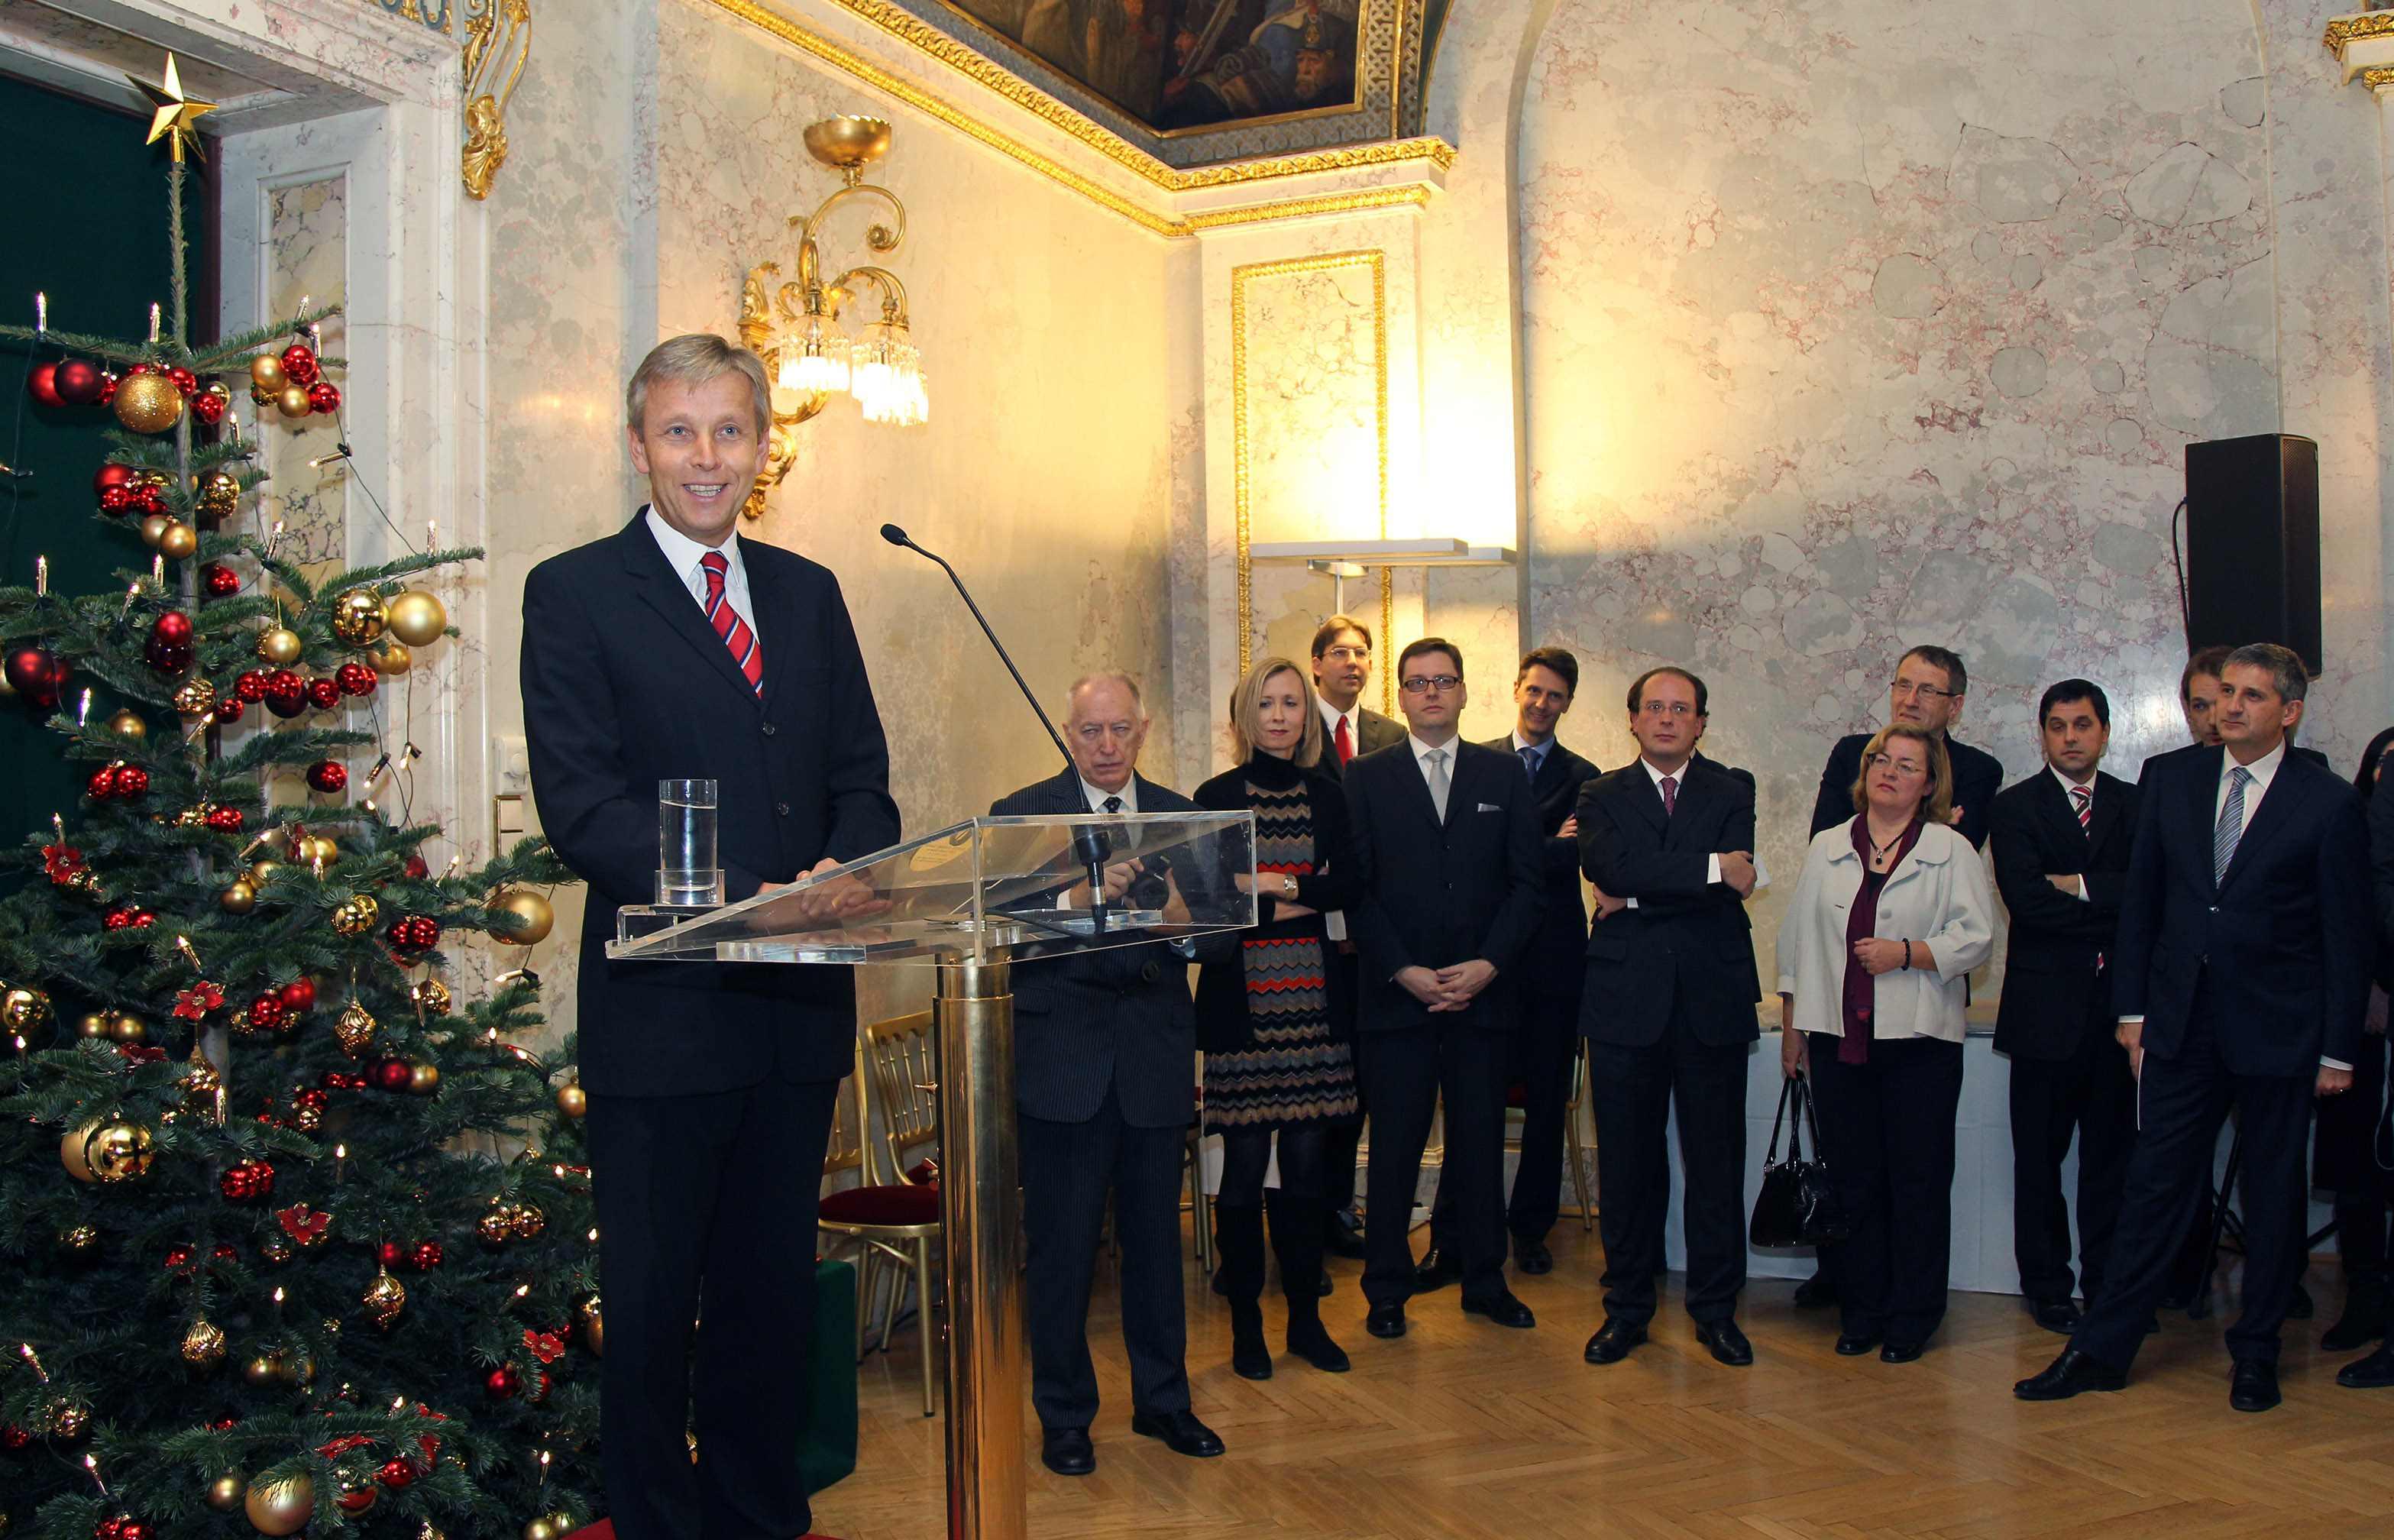 (c) BMEIA, STS Lopatka bei der Weihnachtsfeier des BMEIA